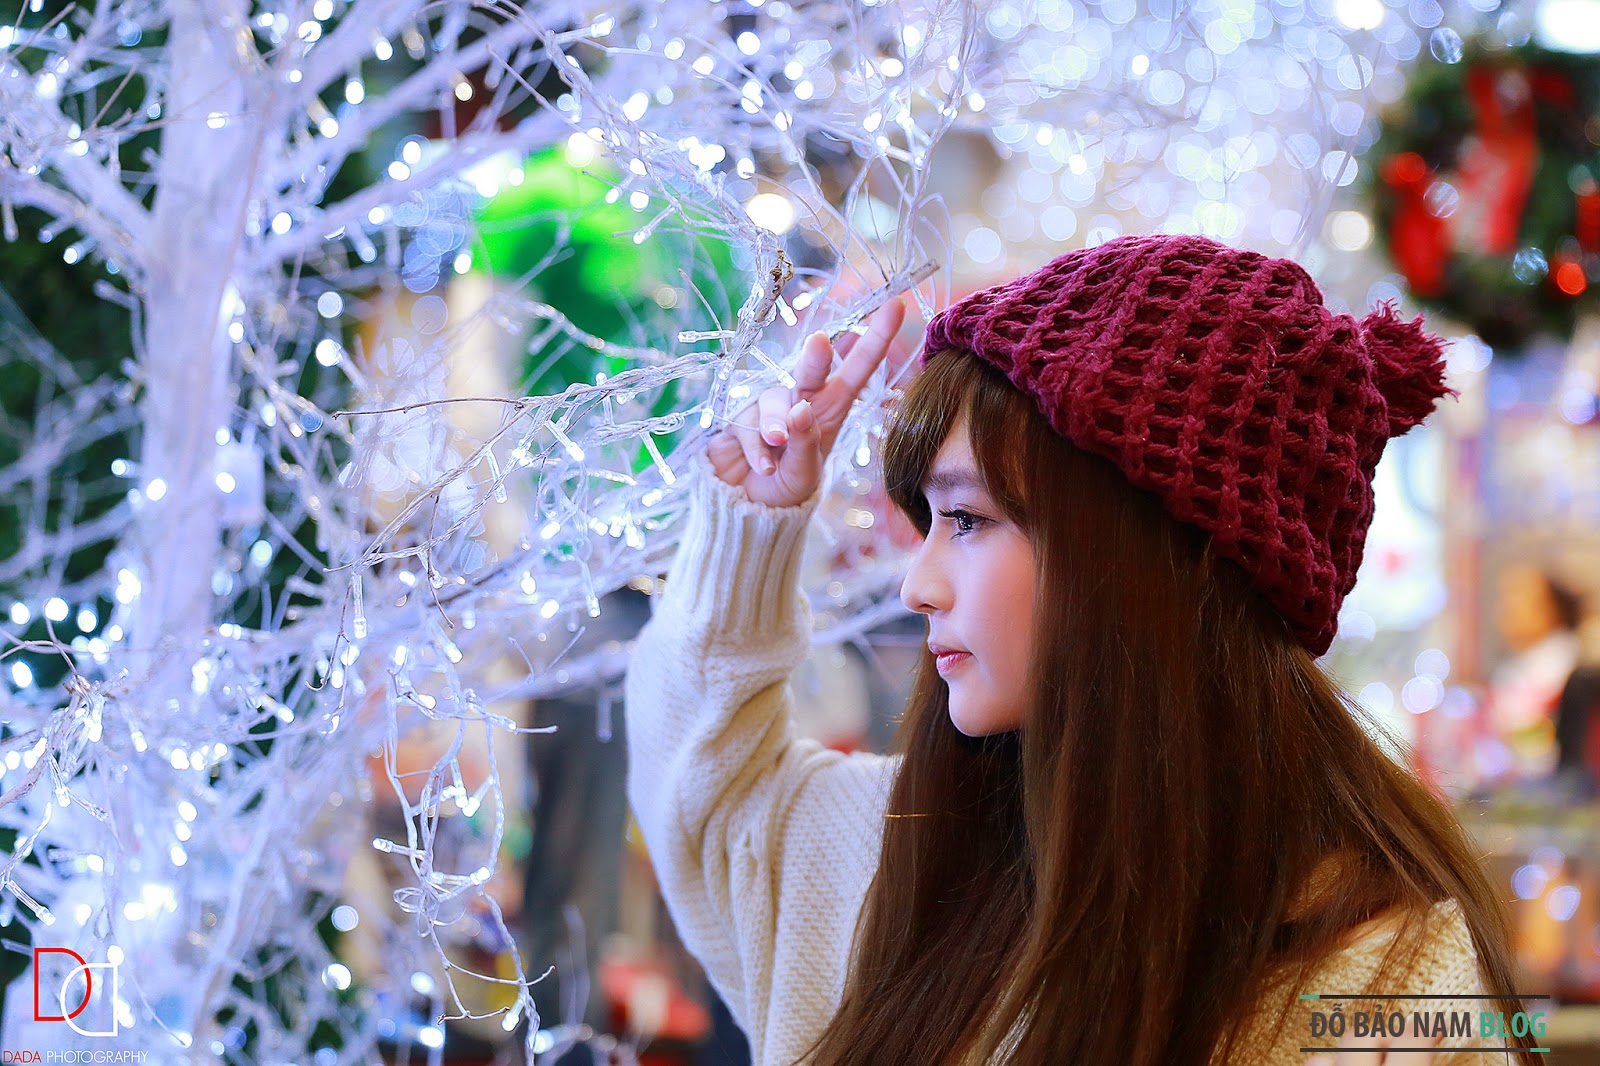 Ảnh đẹp girl xinh mới nhất 2014 được tuyển chọn 03